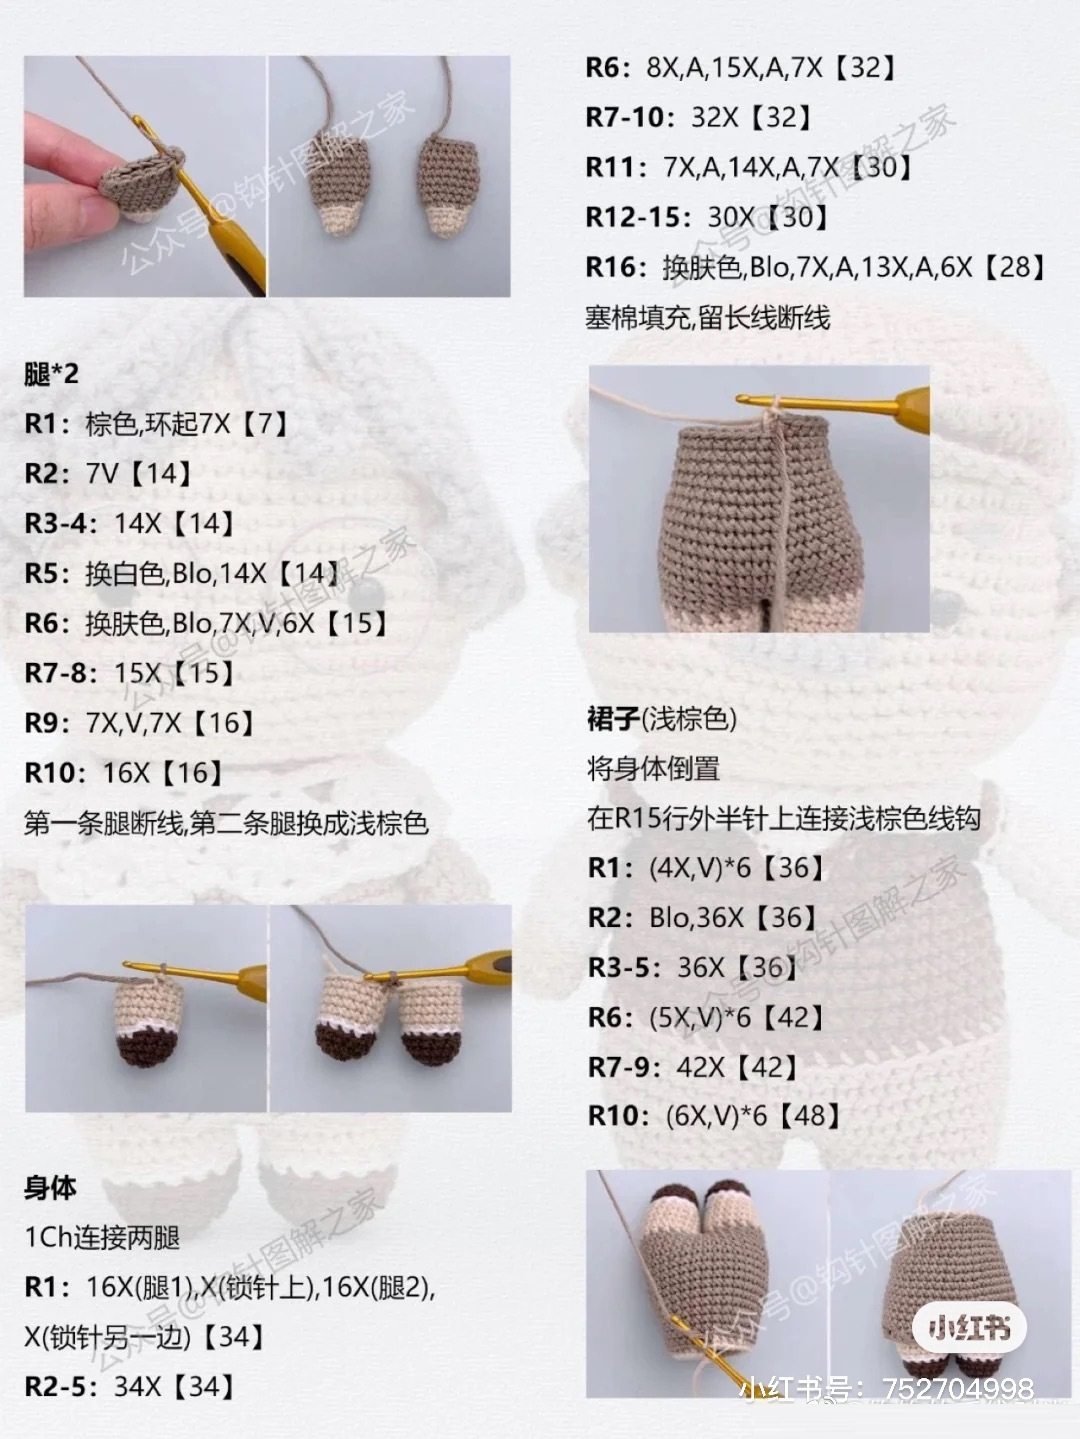 Описание вязания крючком кукольной пожилой пары (3)